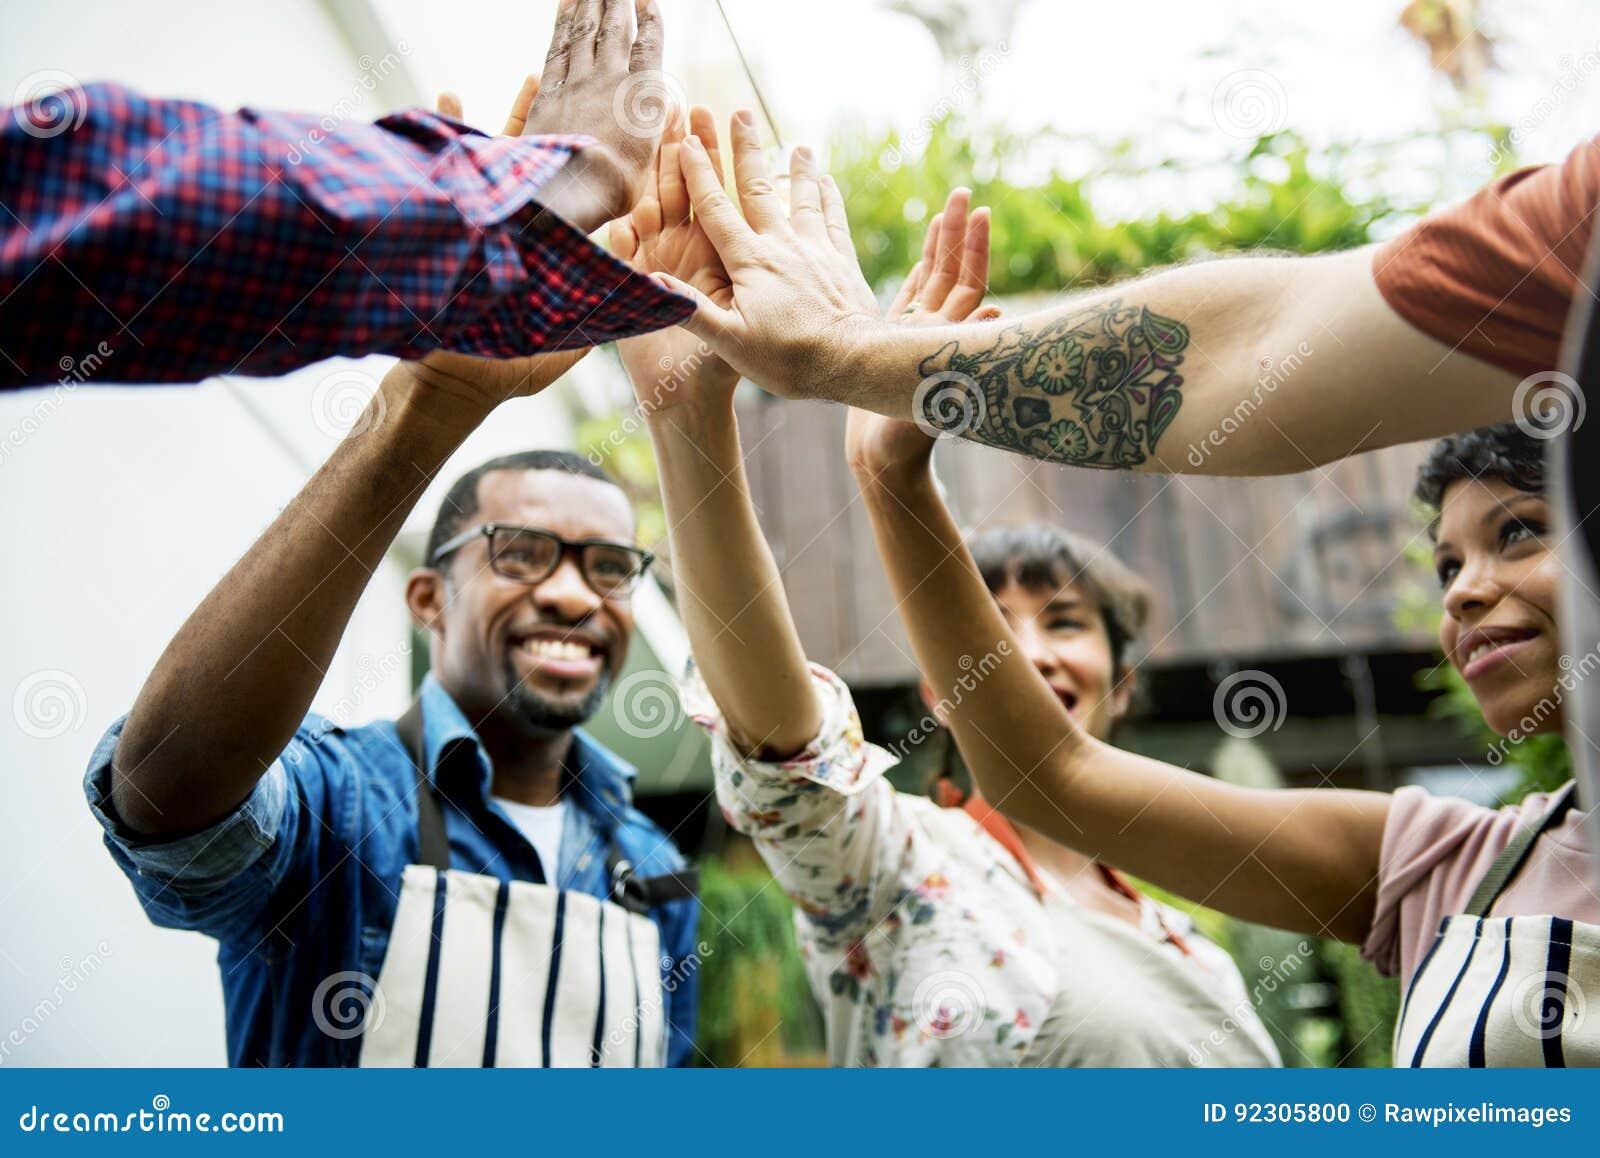 一起政治共同体的拥护社会团体